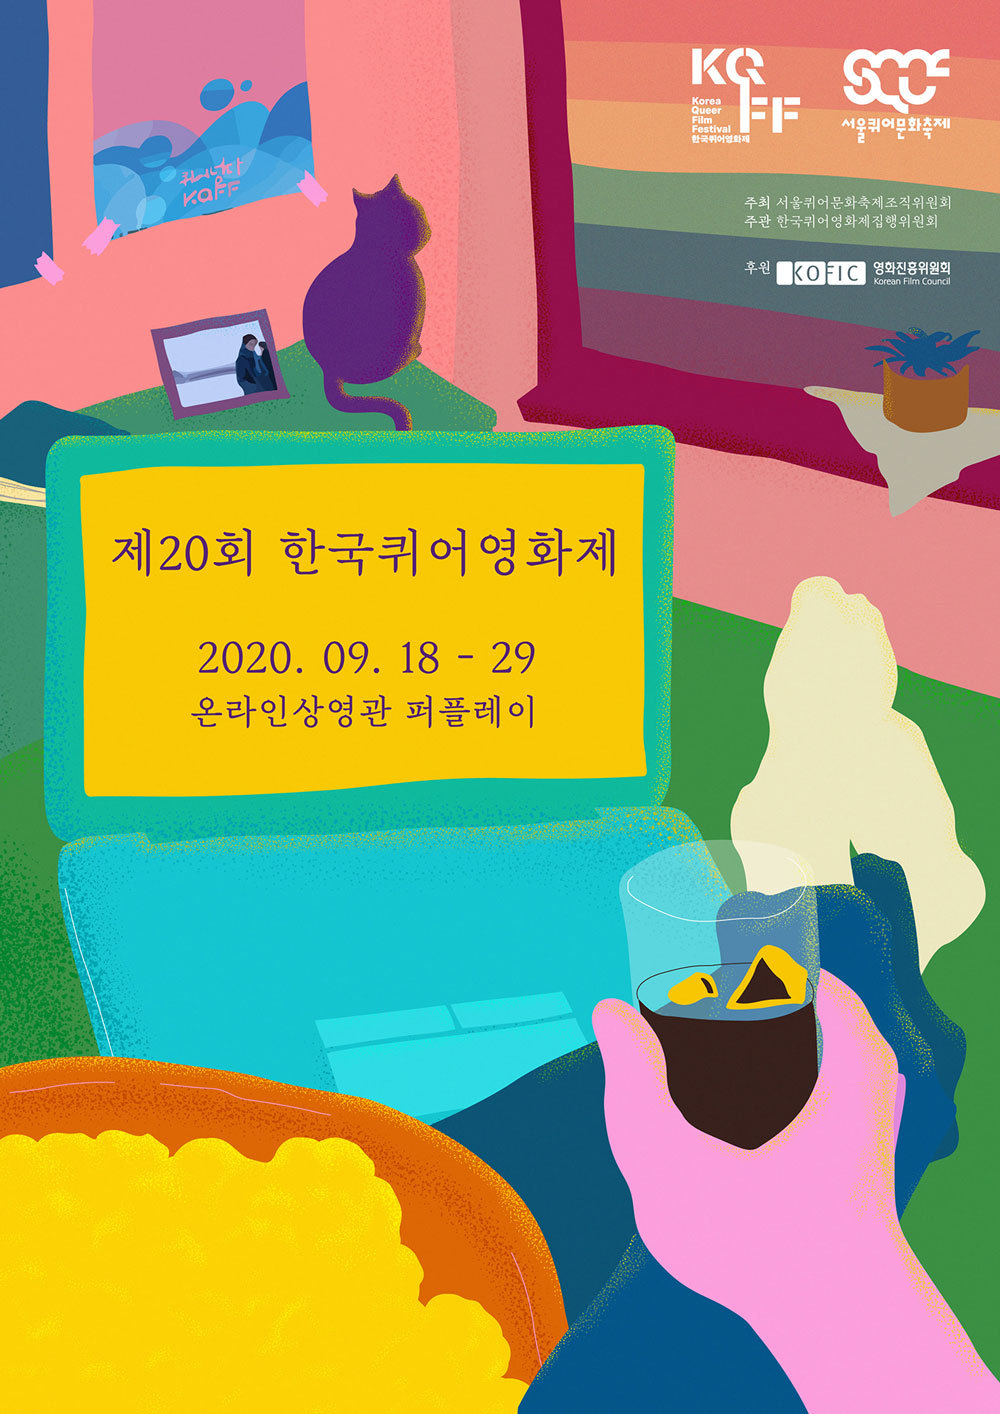 Korea Queer Film Festival poster (KQFF)